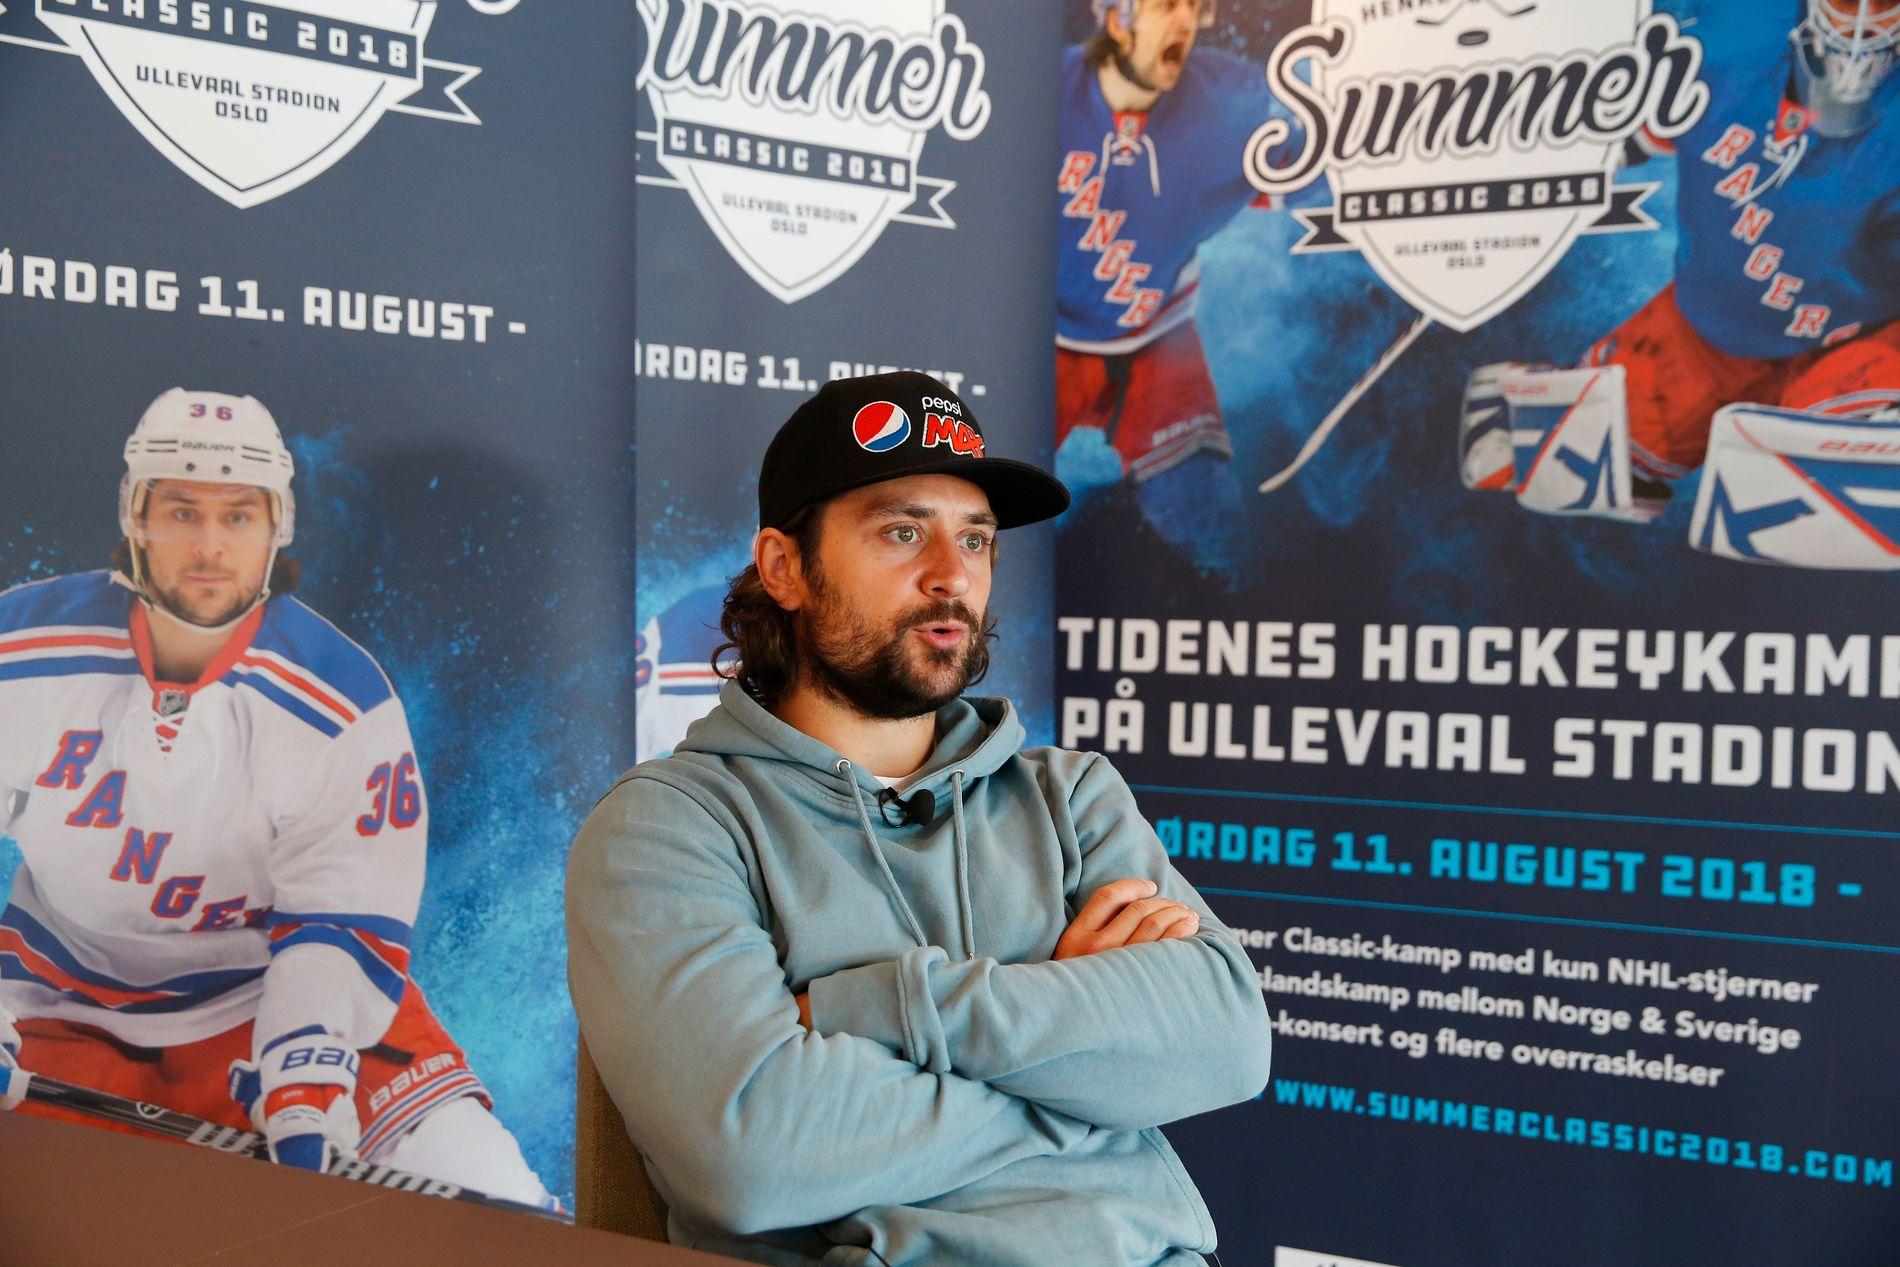 INVITERER TIL FEST: Mats Zuccarello er engasjert når han forteller om hvilke stjernespillere han har samlet til fest hjemme i Oslo.